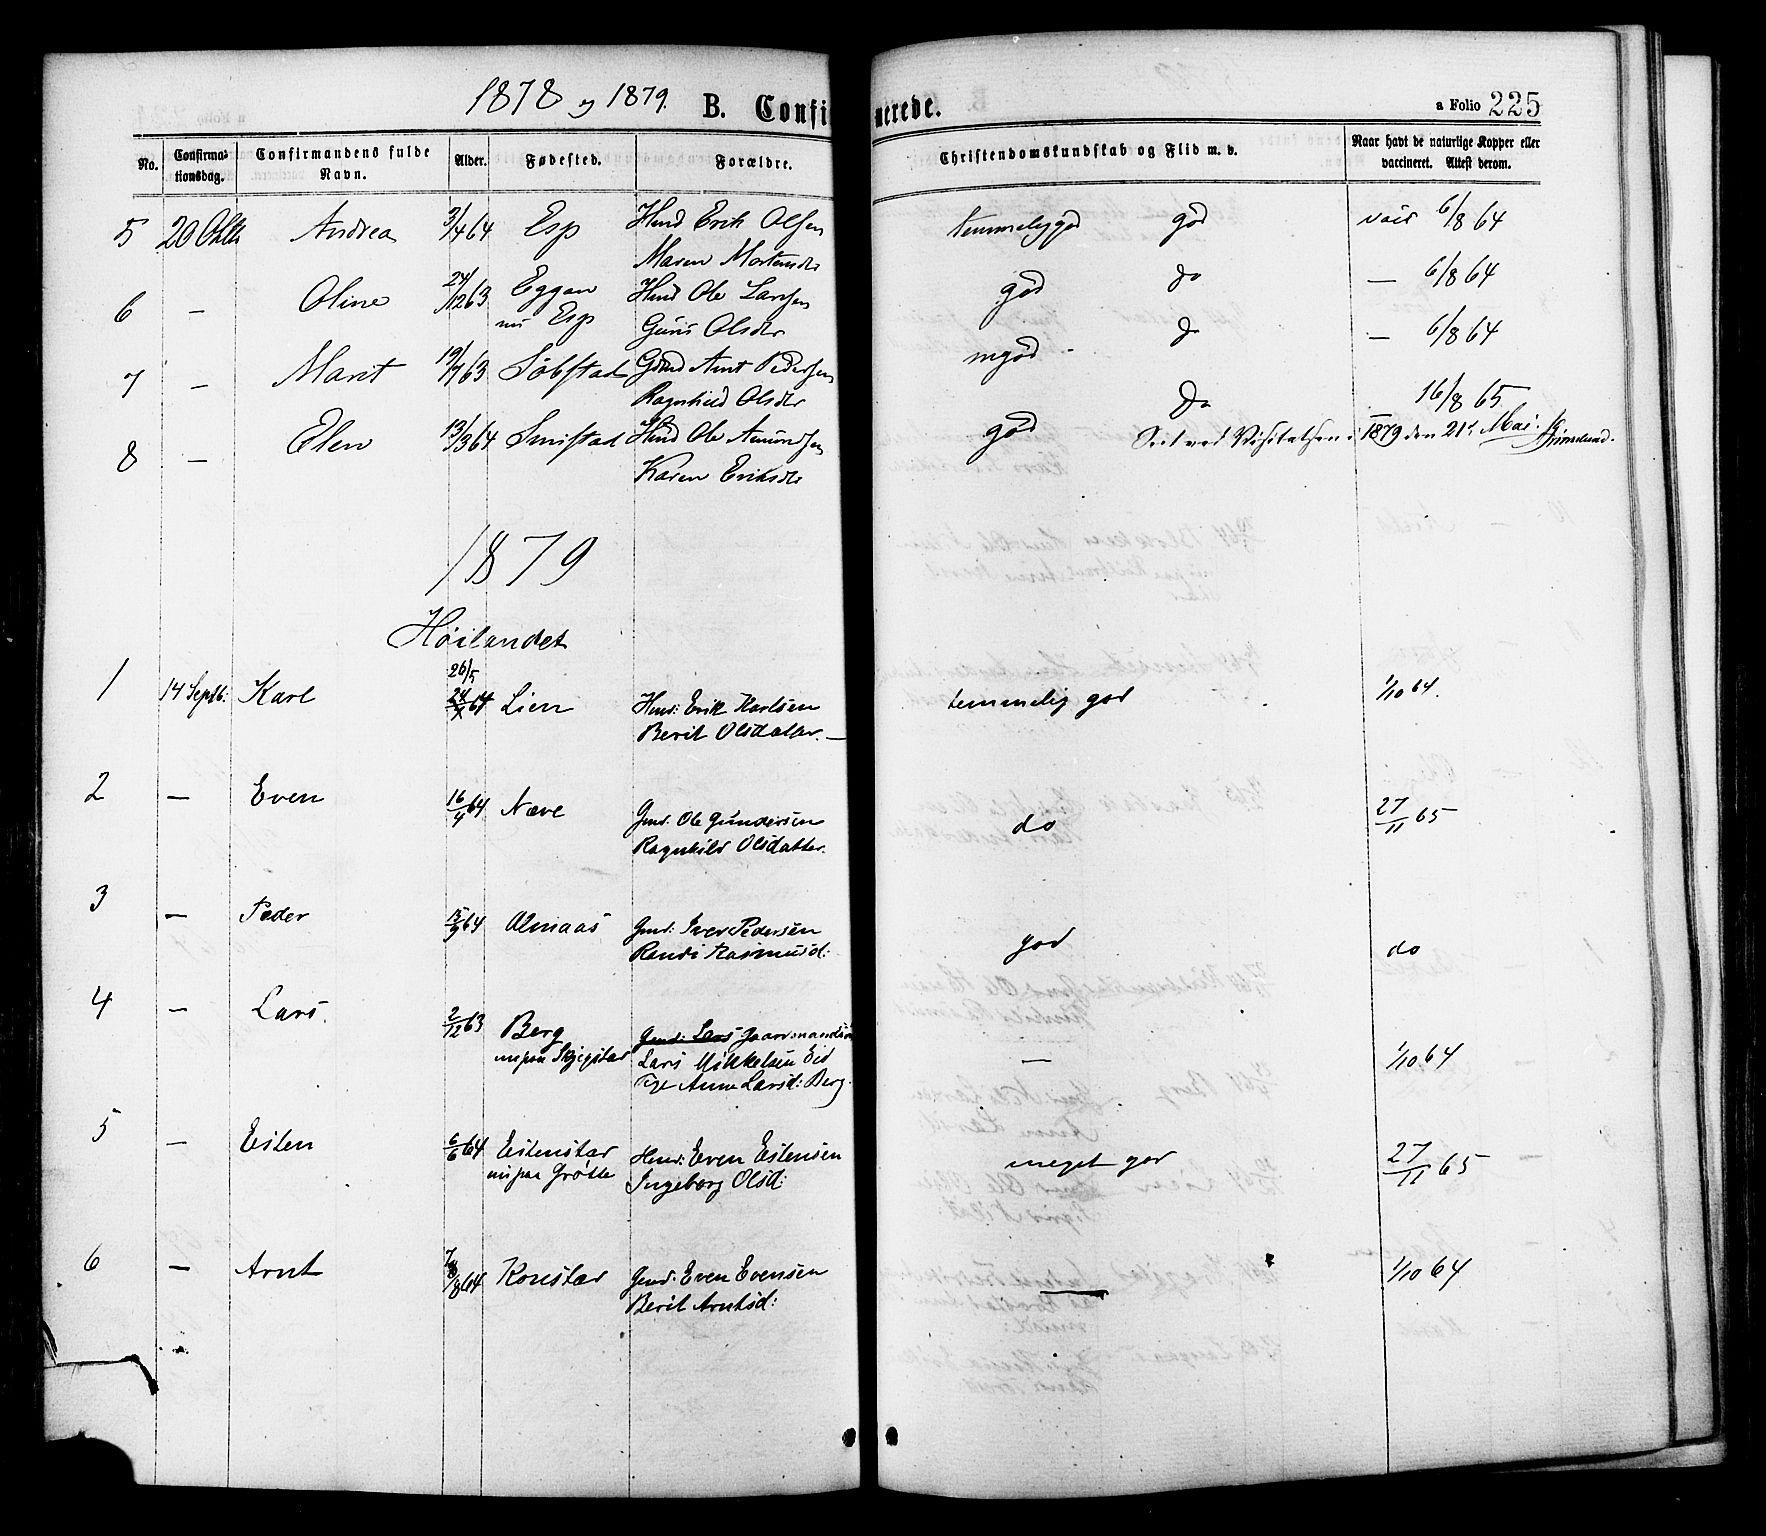 SAT, Ministerialprotokoller, klokkerbøker og fødselsregistre - Sør-Trøndelag, 691/L1079: Ministerialbok nr. 691A11, 1873-1886, s. 225